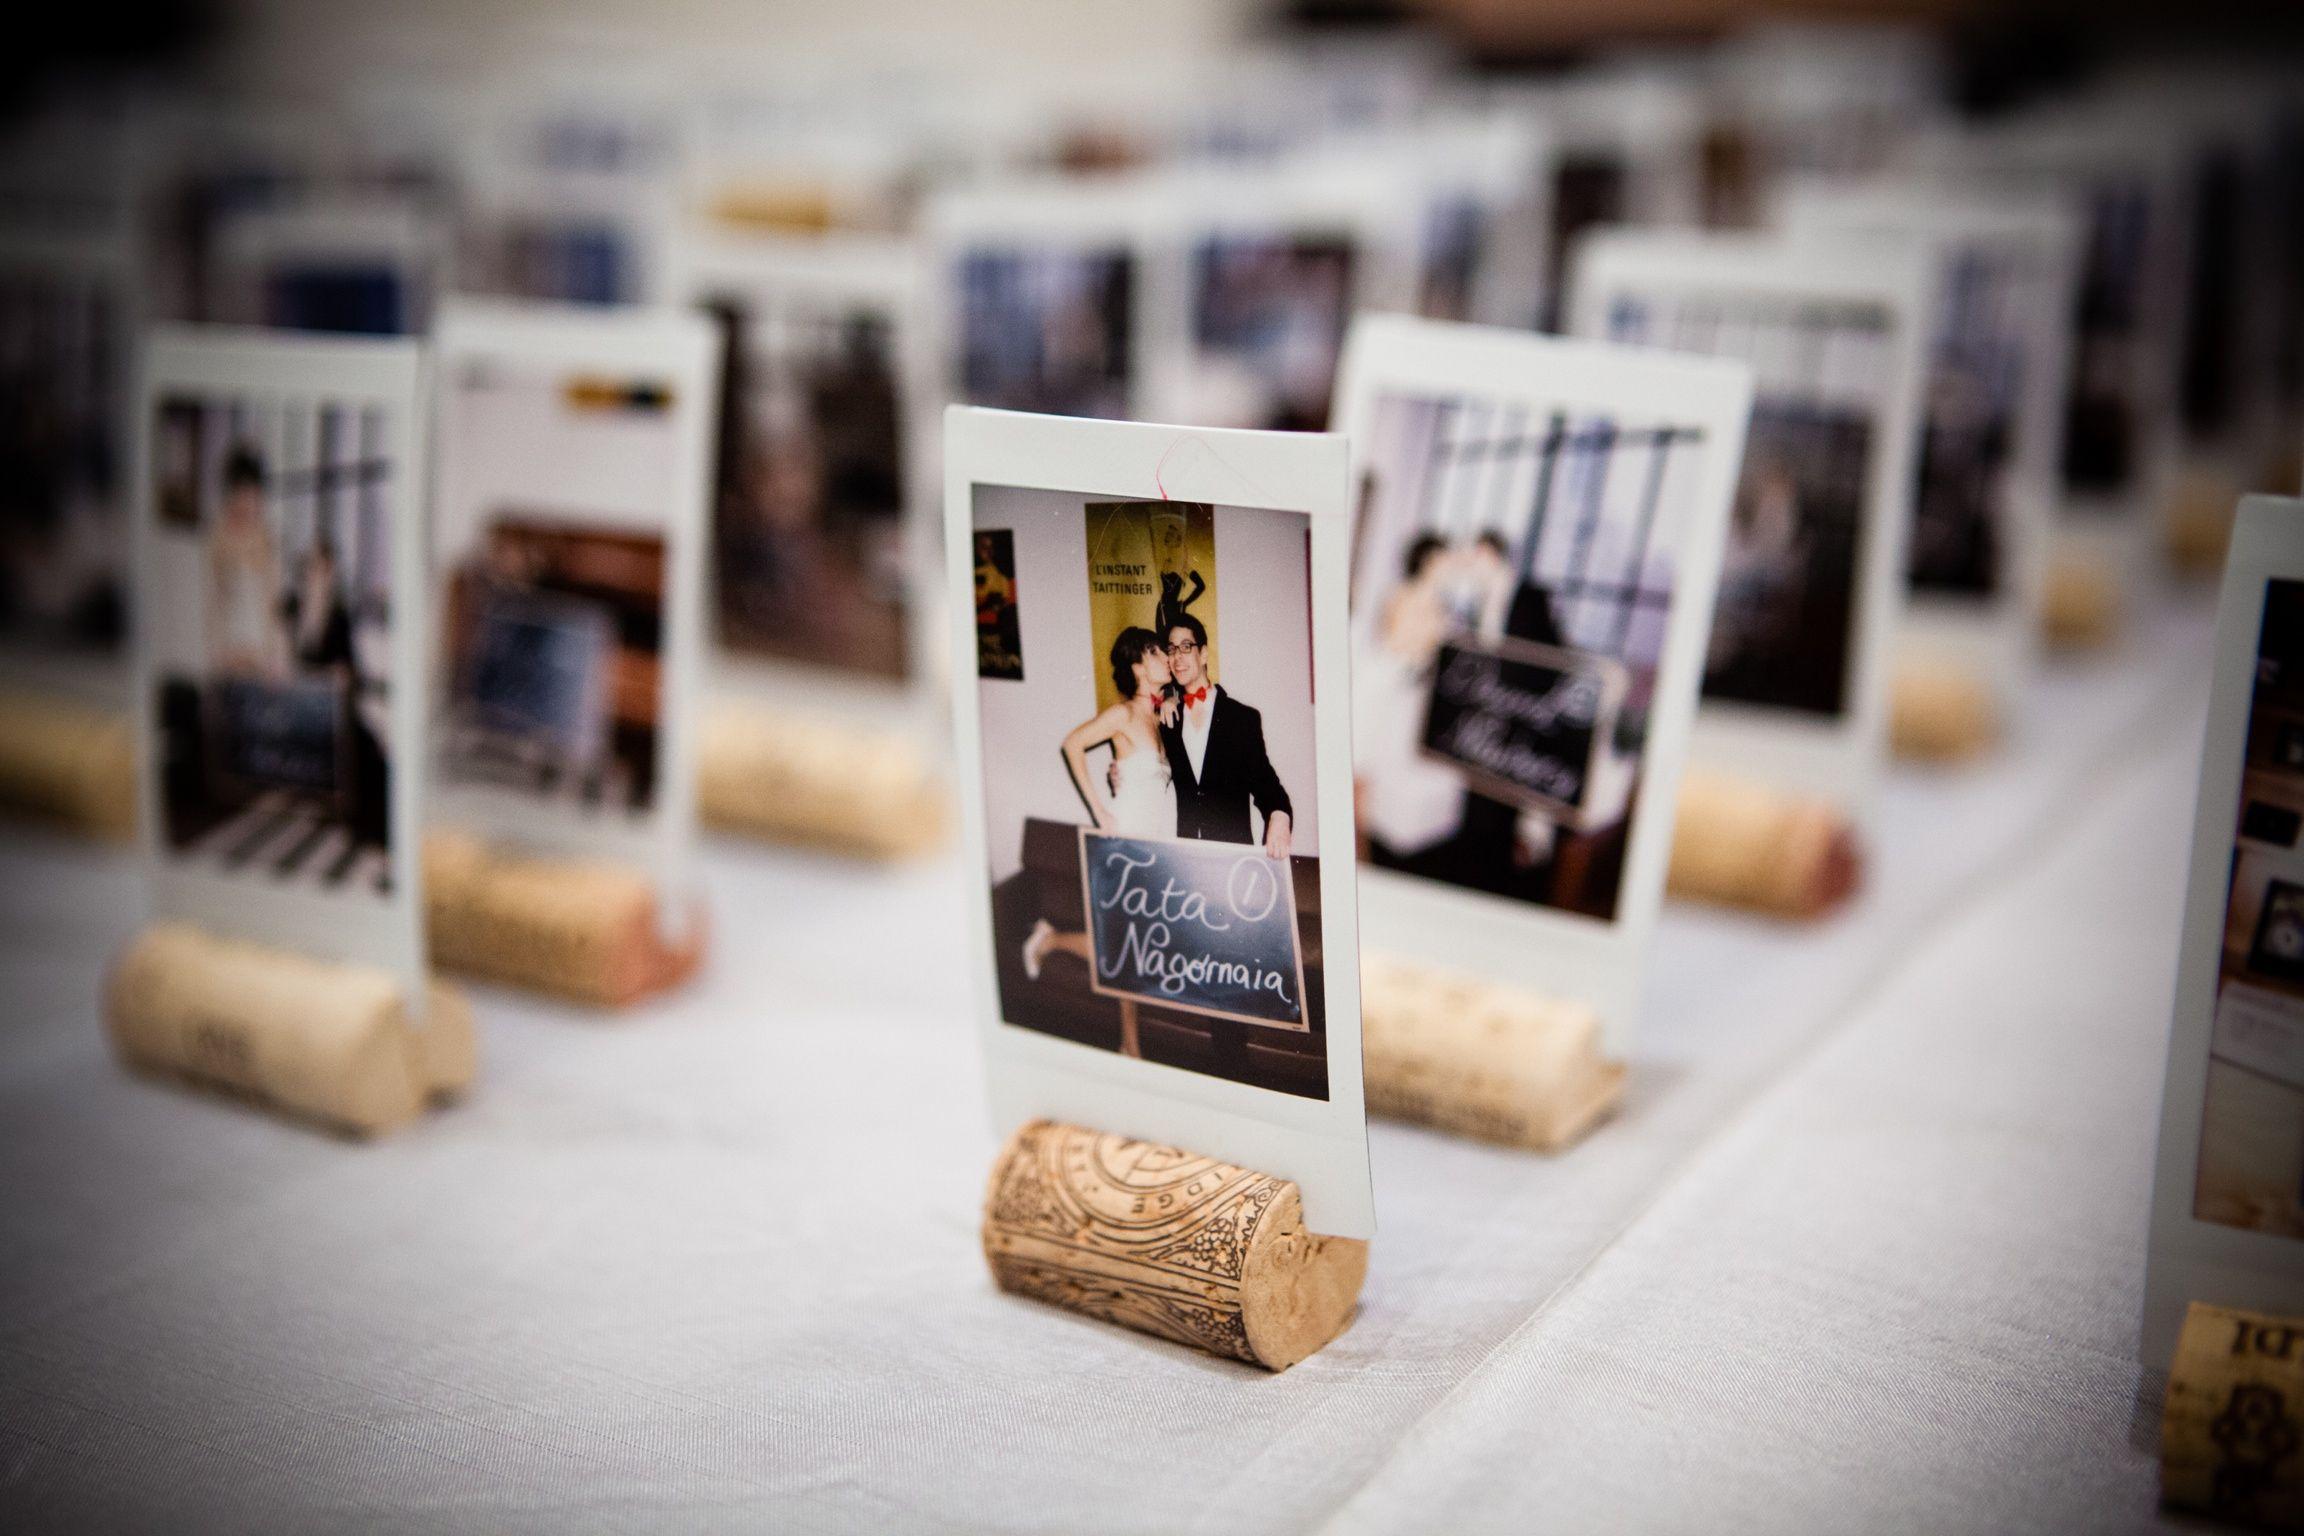 20 Idees Pour Recycler Les Bouchons De Liege Polaroid